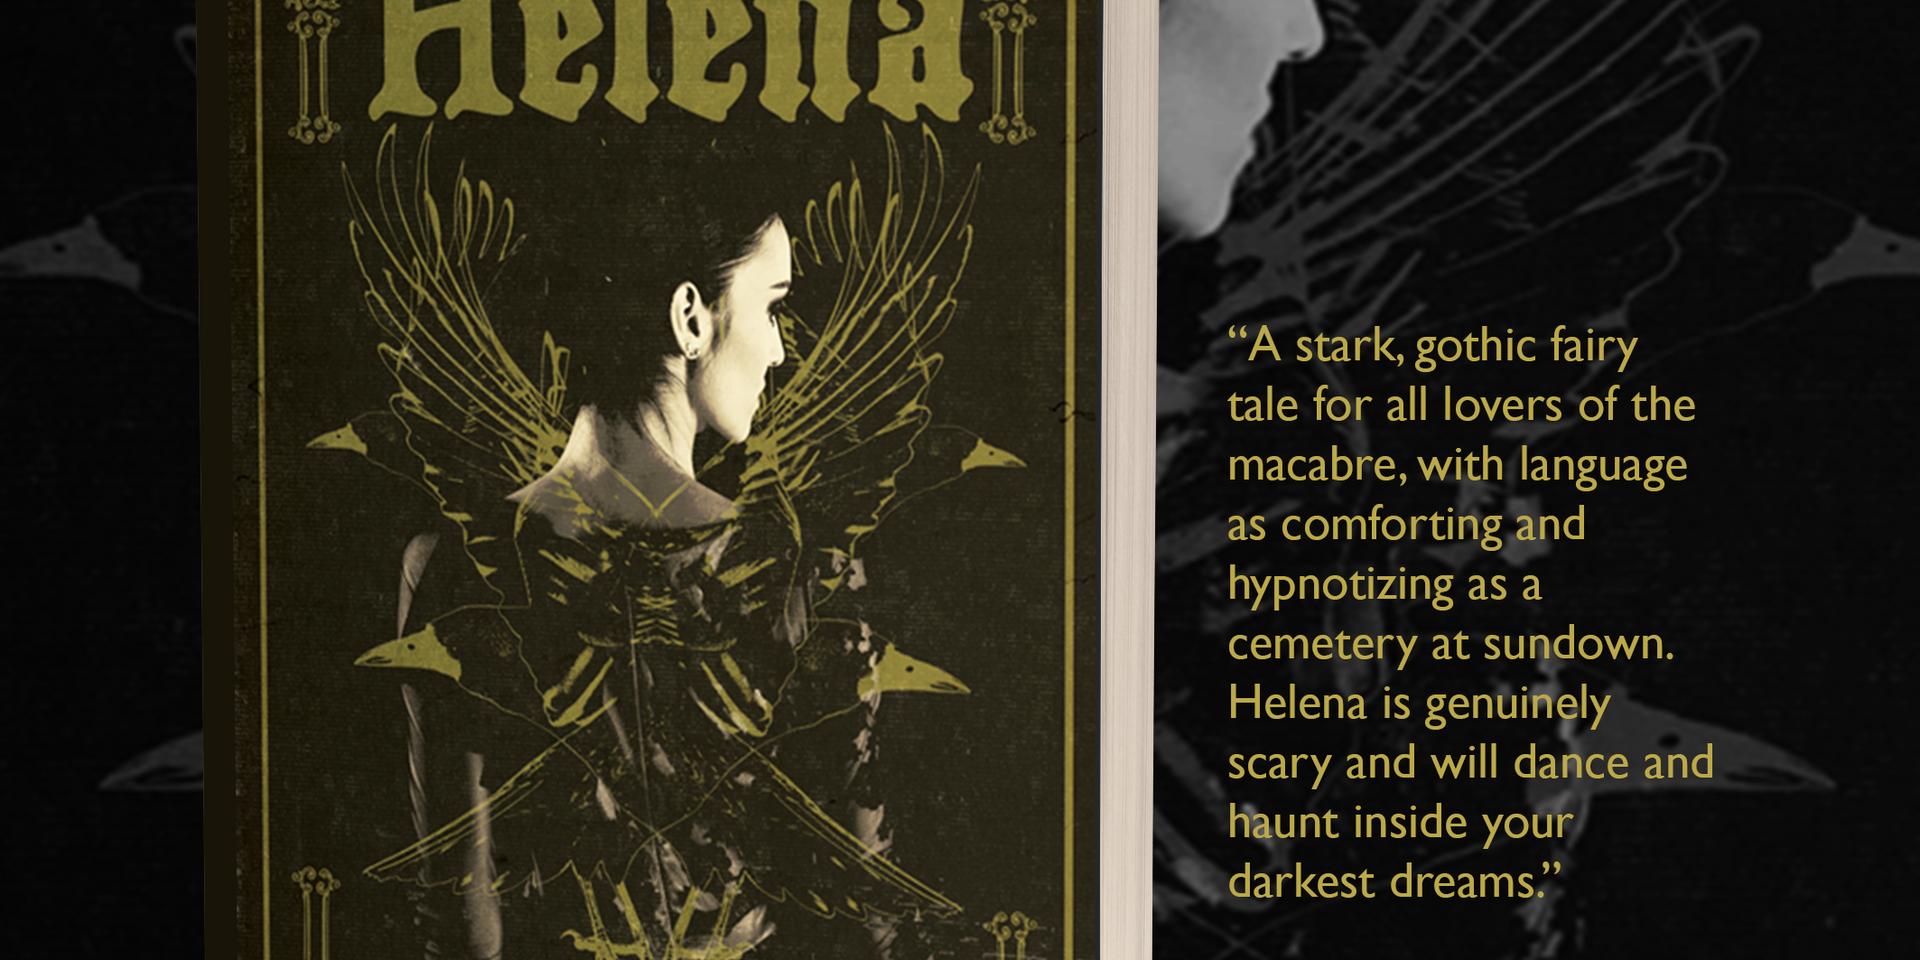 Cover + Blurb #1